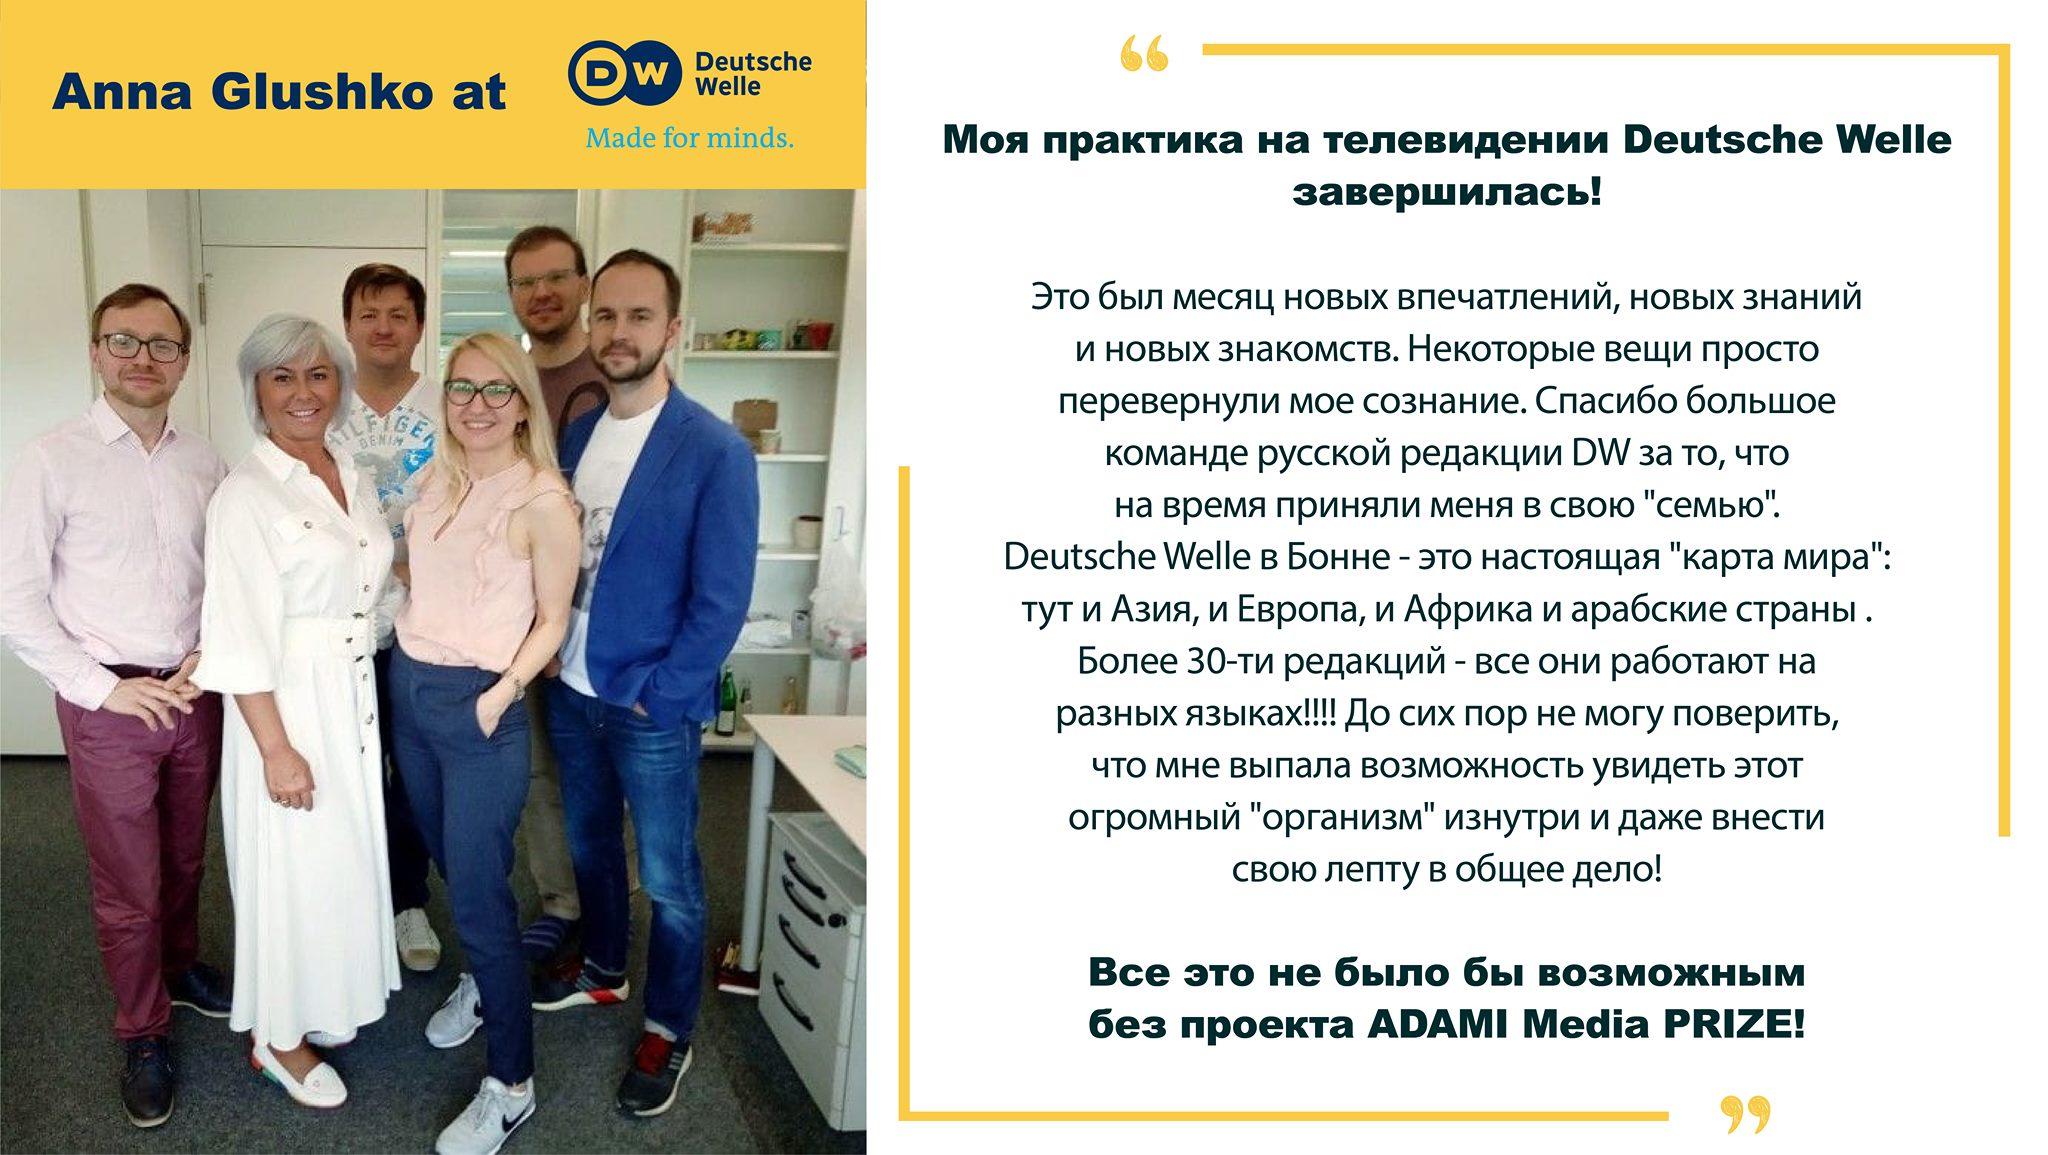 Стипендия Анны в DW успешно закончилась  ADAMI гордится тем, что предлагает стажировки для наших участников!